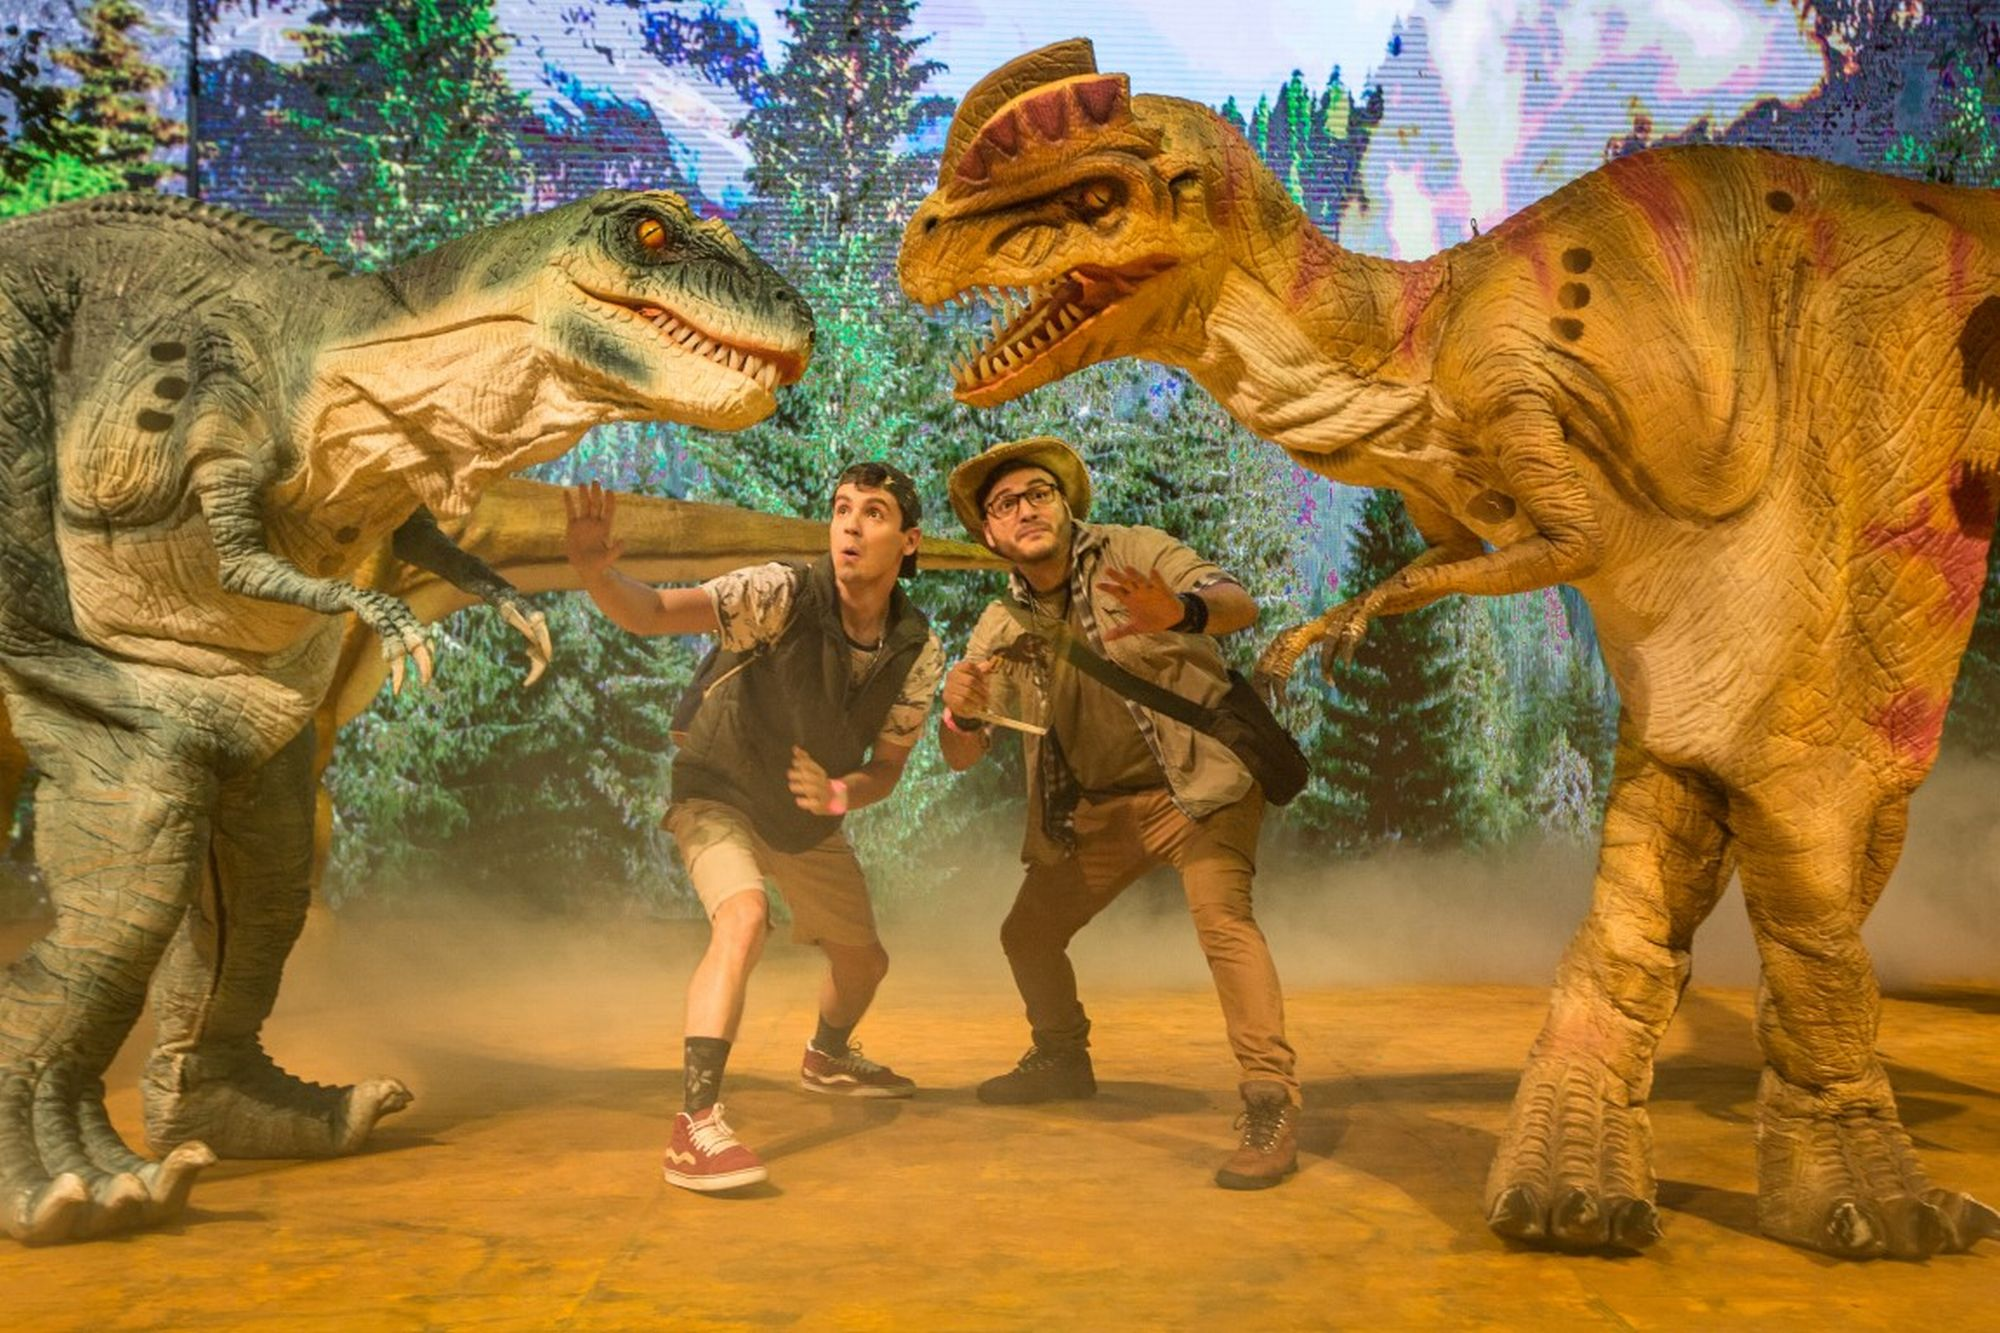 Dinossauros em tamanho real invadem teatro em show para toda a família